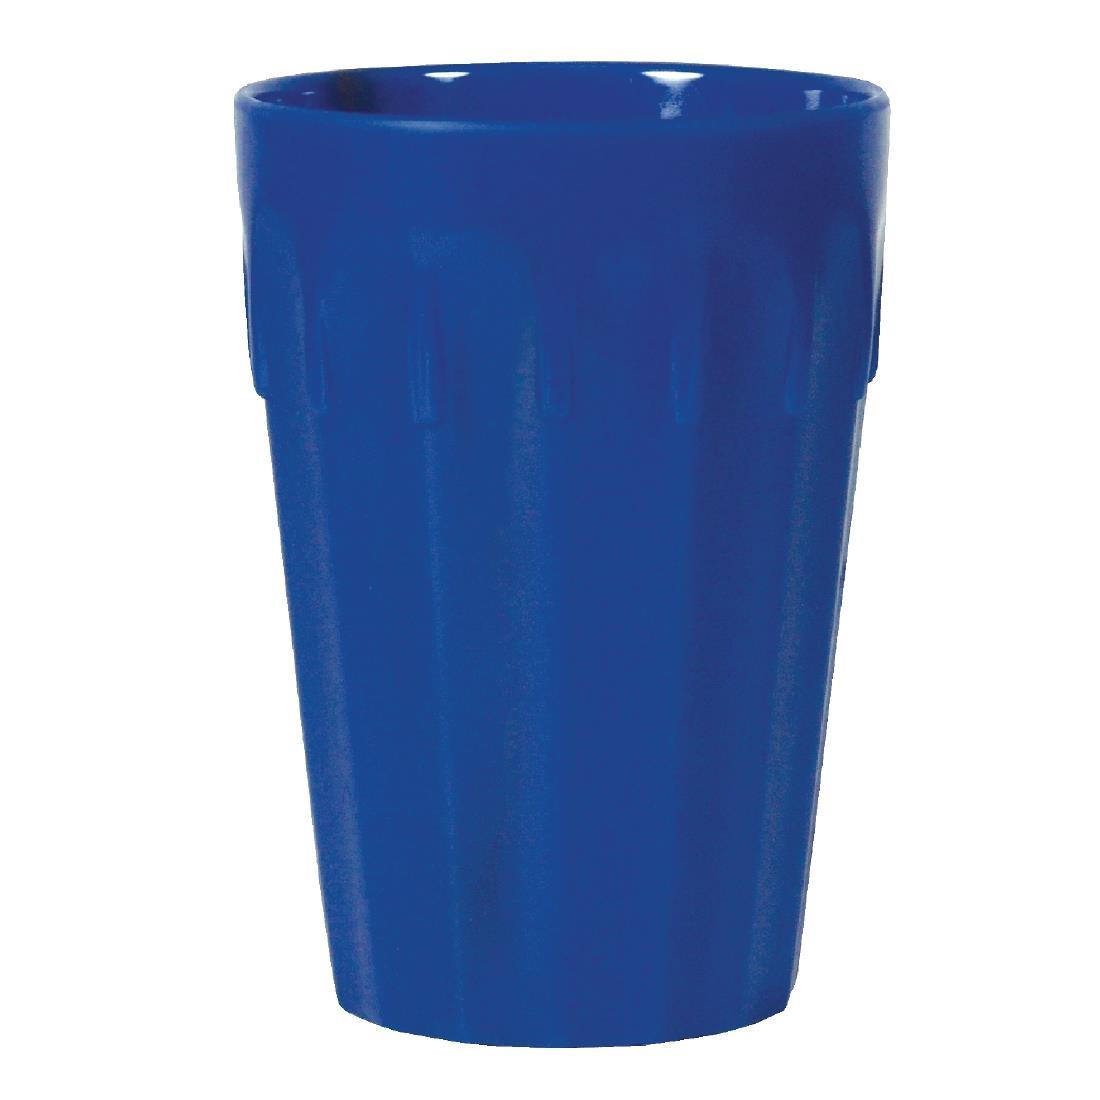 Tumbler - Blue